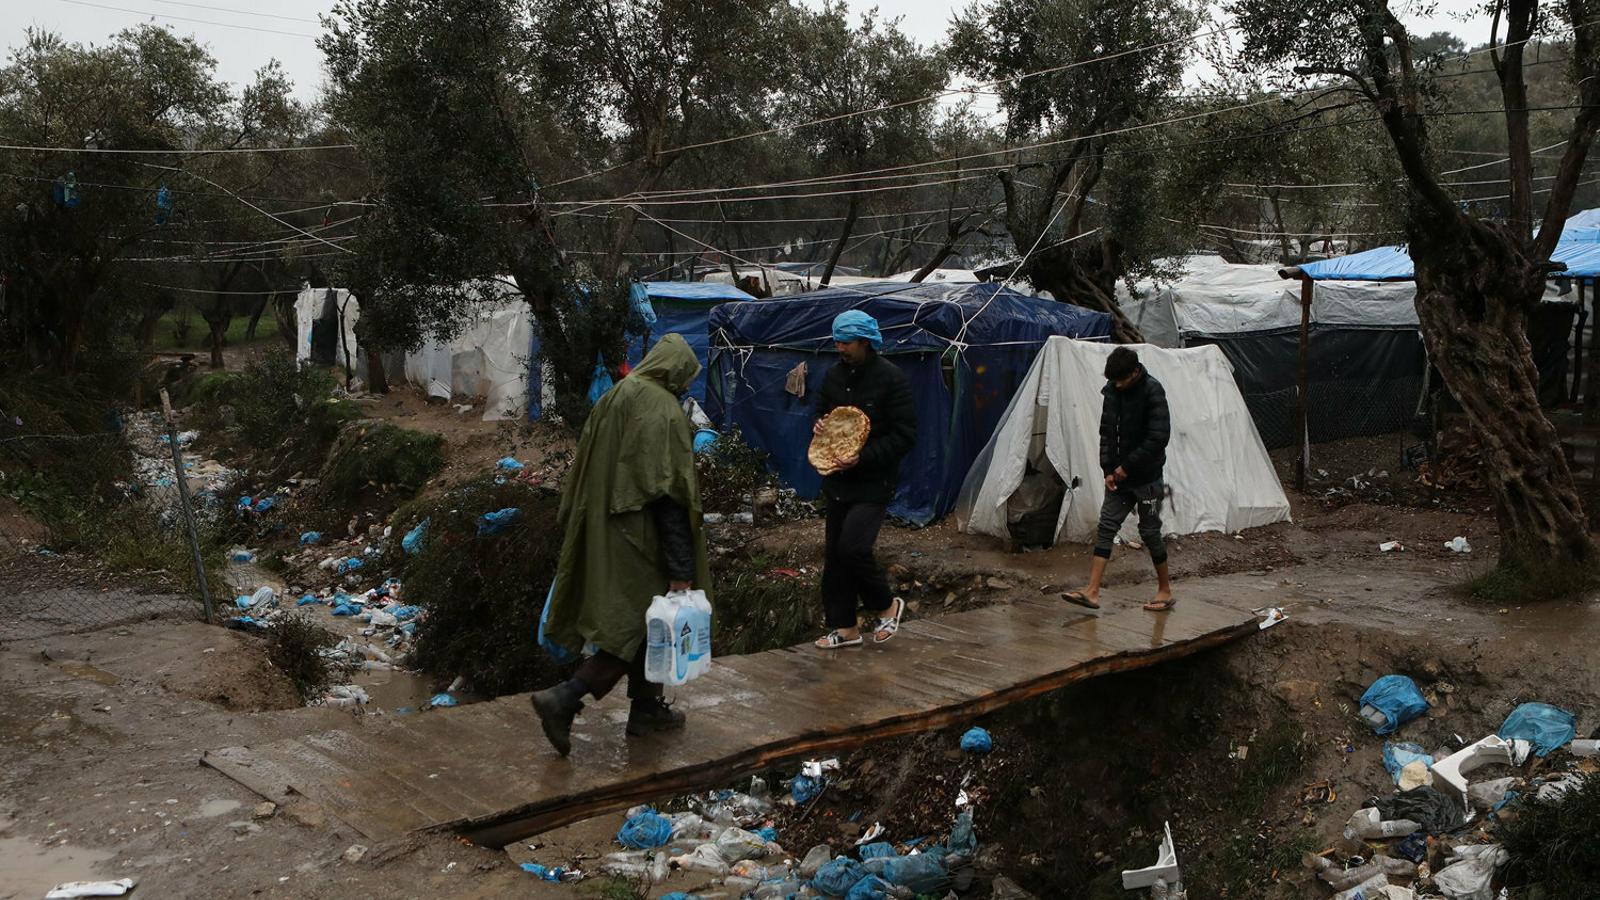 Refugiats caminant enmig de la pluja en un dels campaments a la rodalia del centre de detenció de Mória, a l'illa grega de Lesbos, aquest dijous.